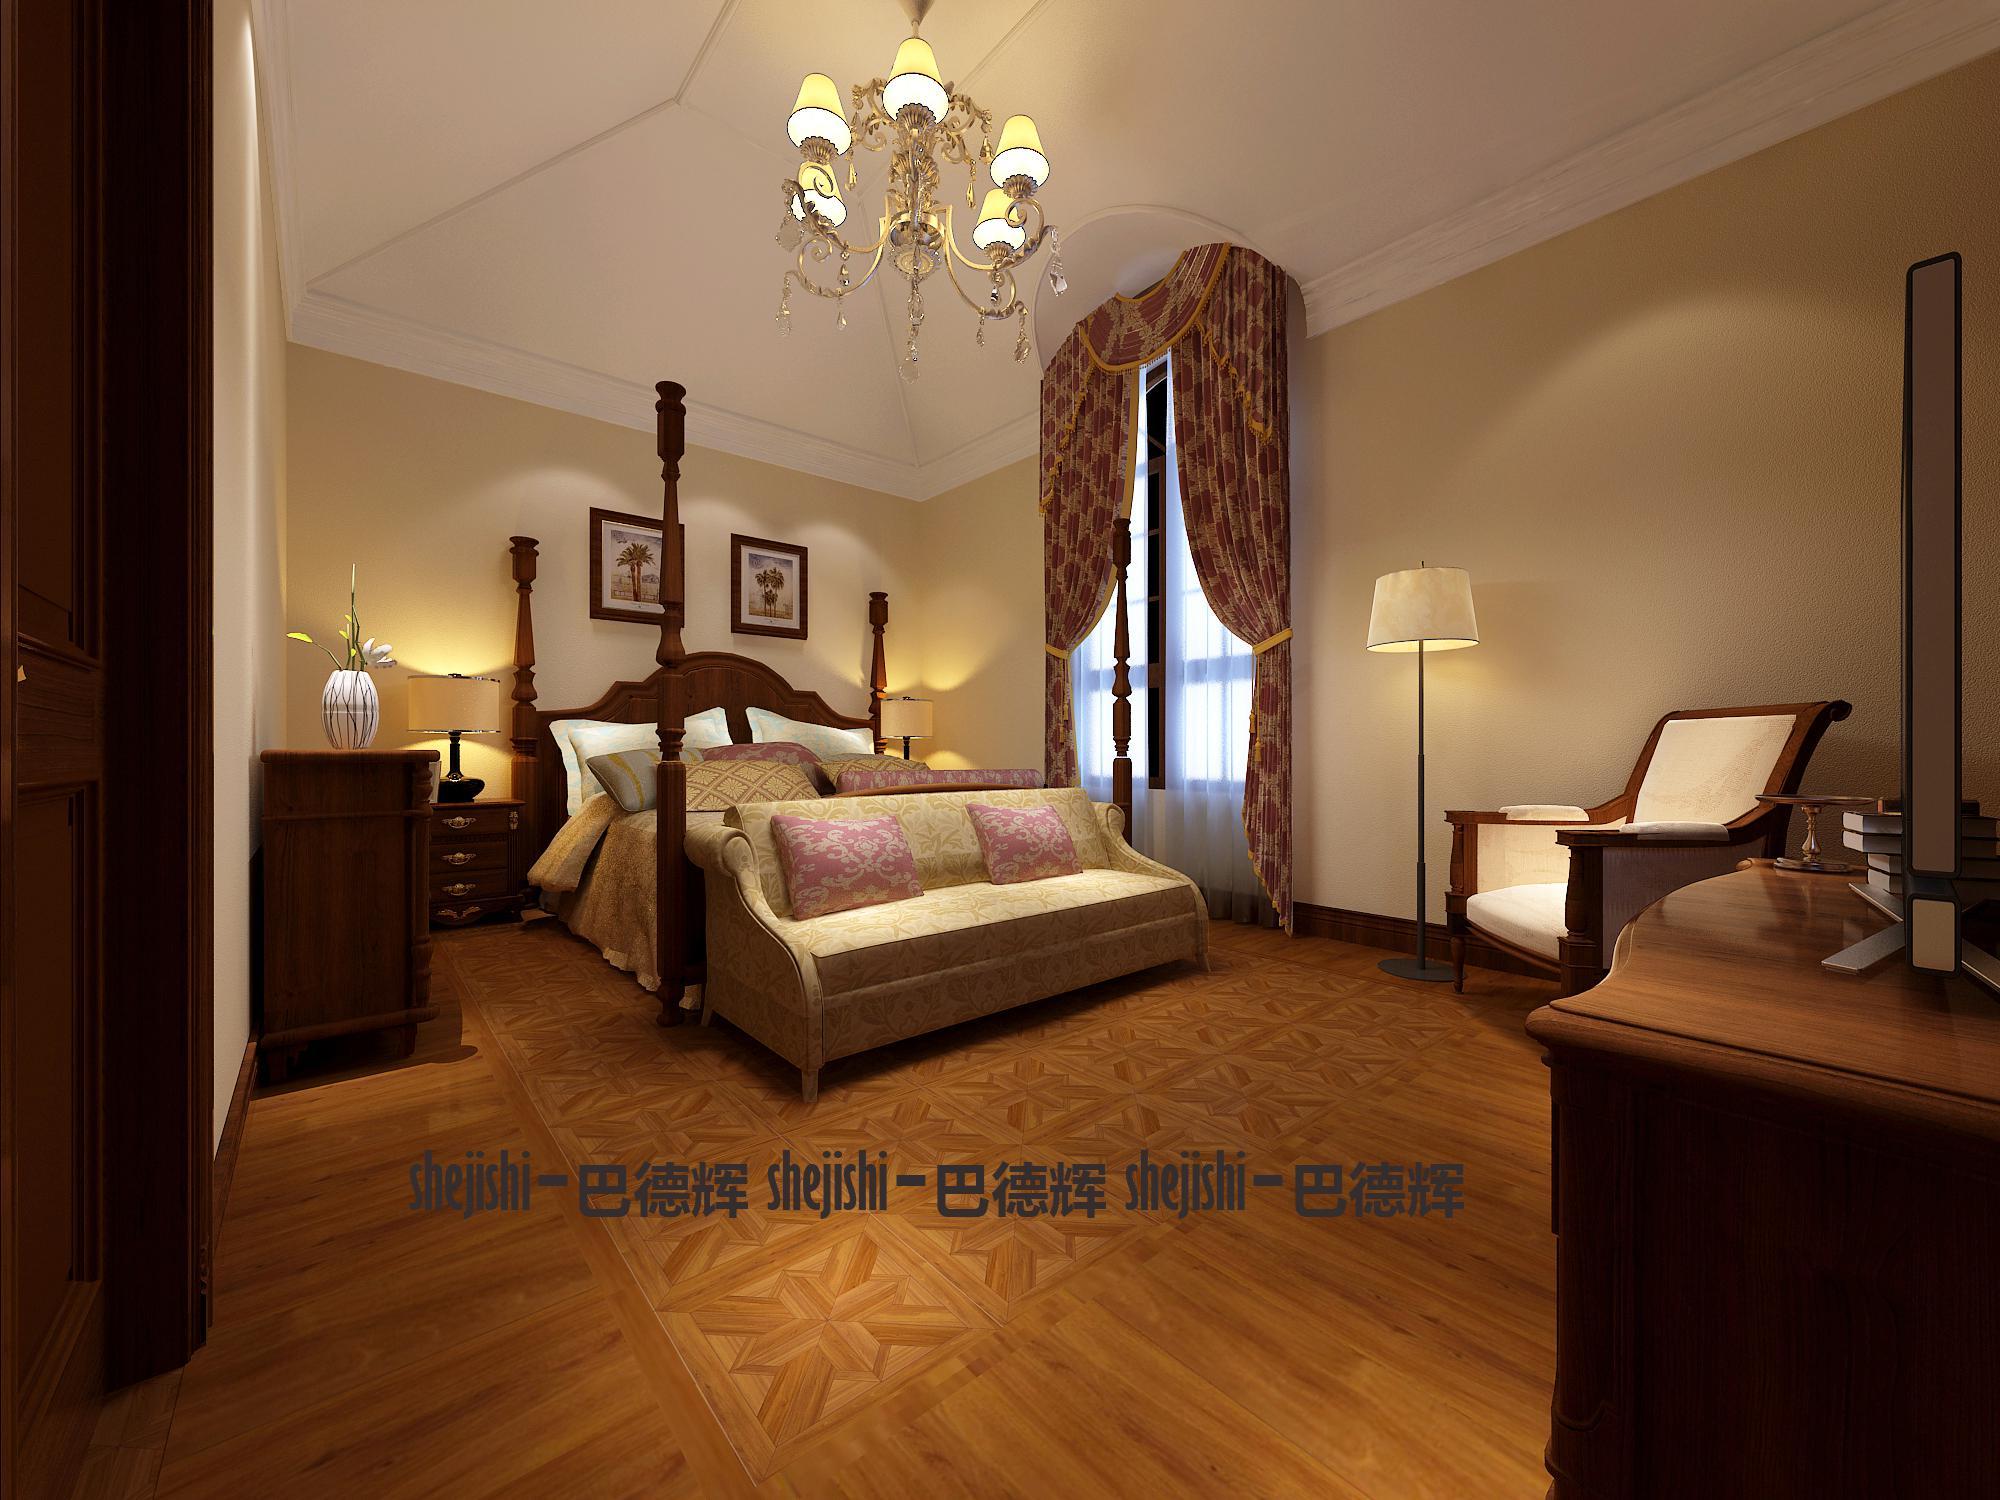 古典 别墅 典雅、端庄 时代特征 卧室图片来自北京精诚兴业装饰公司在桃花源2的分享